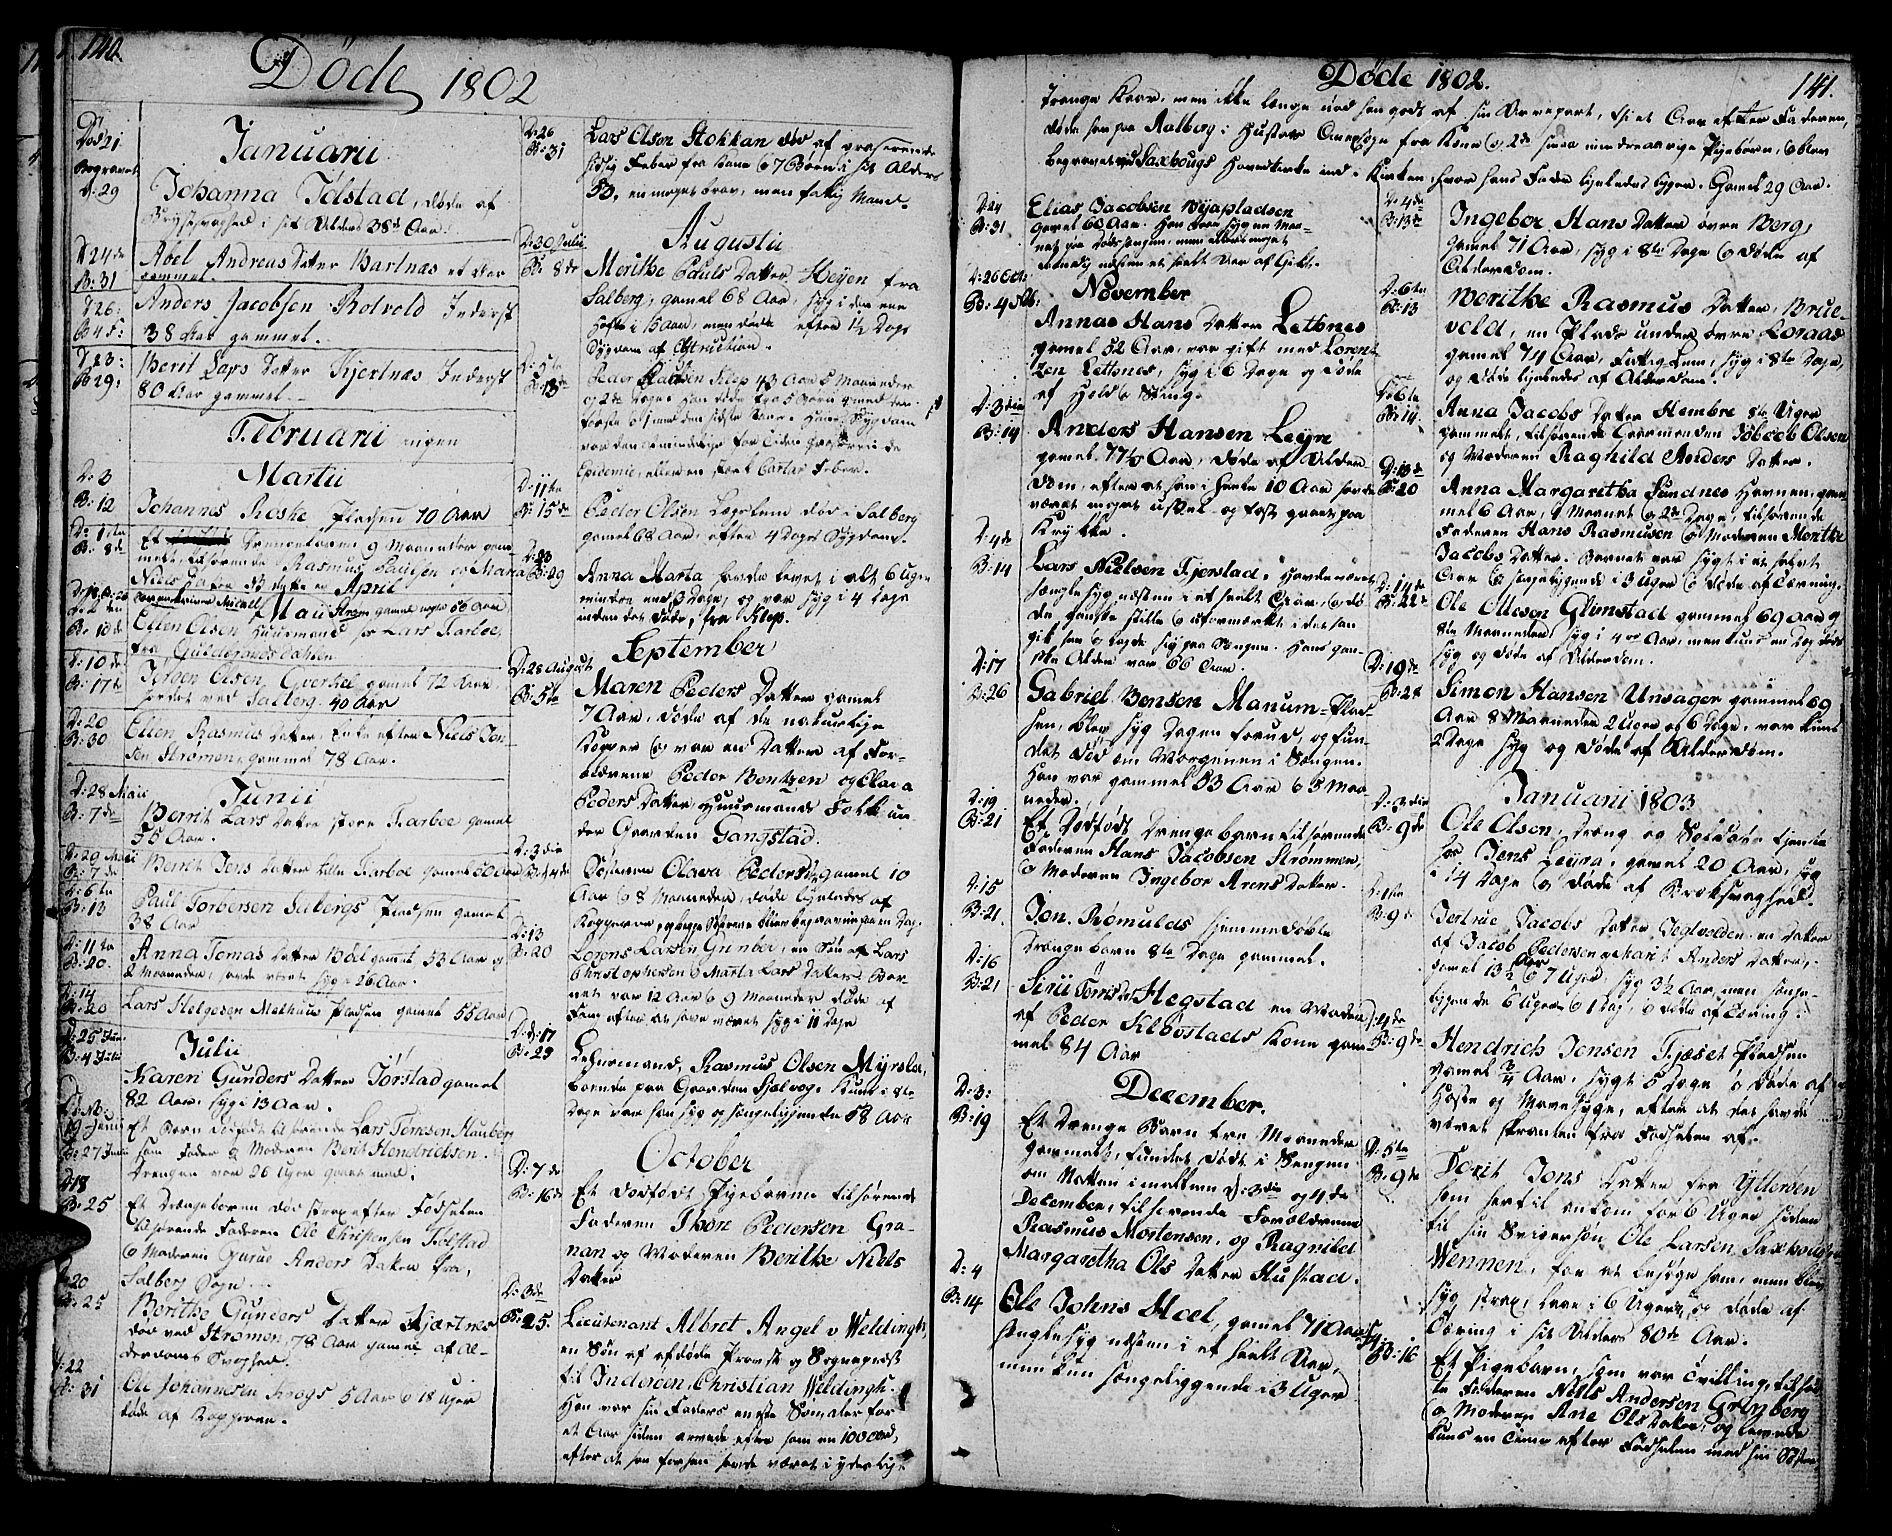 SAT, Ministerialprotokoller, klokkerbøker og fødselsregistre - Nord-Trøndelag, 730/L0274: Ministerialbok nr. 730A03, 1802-1816, s. 140-141